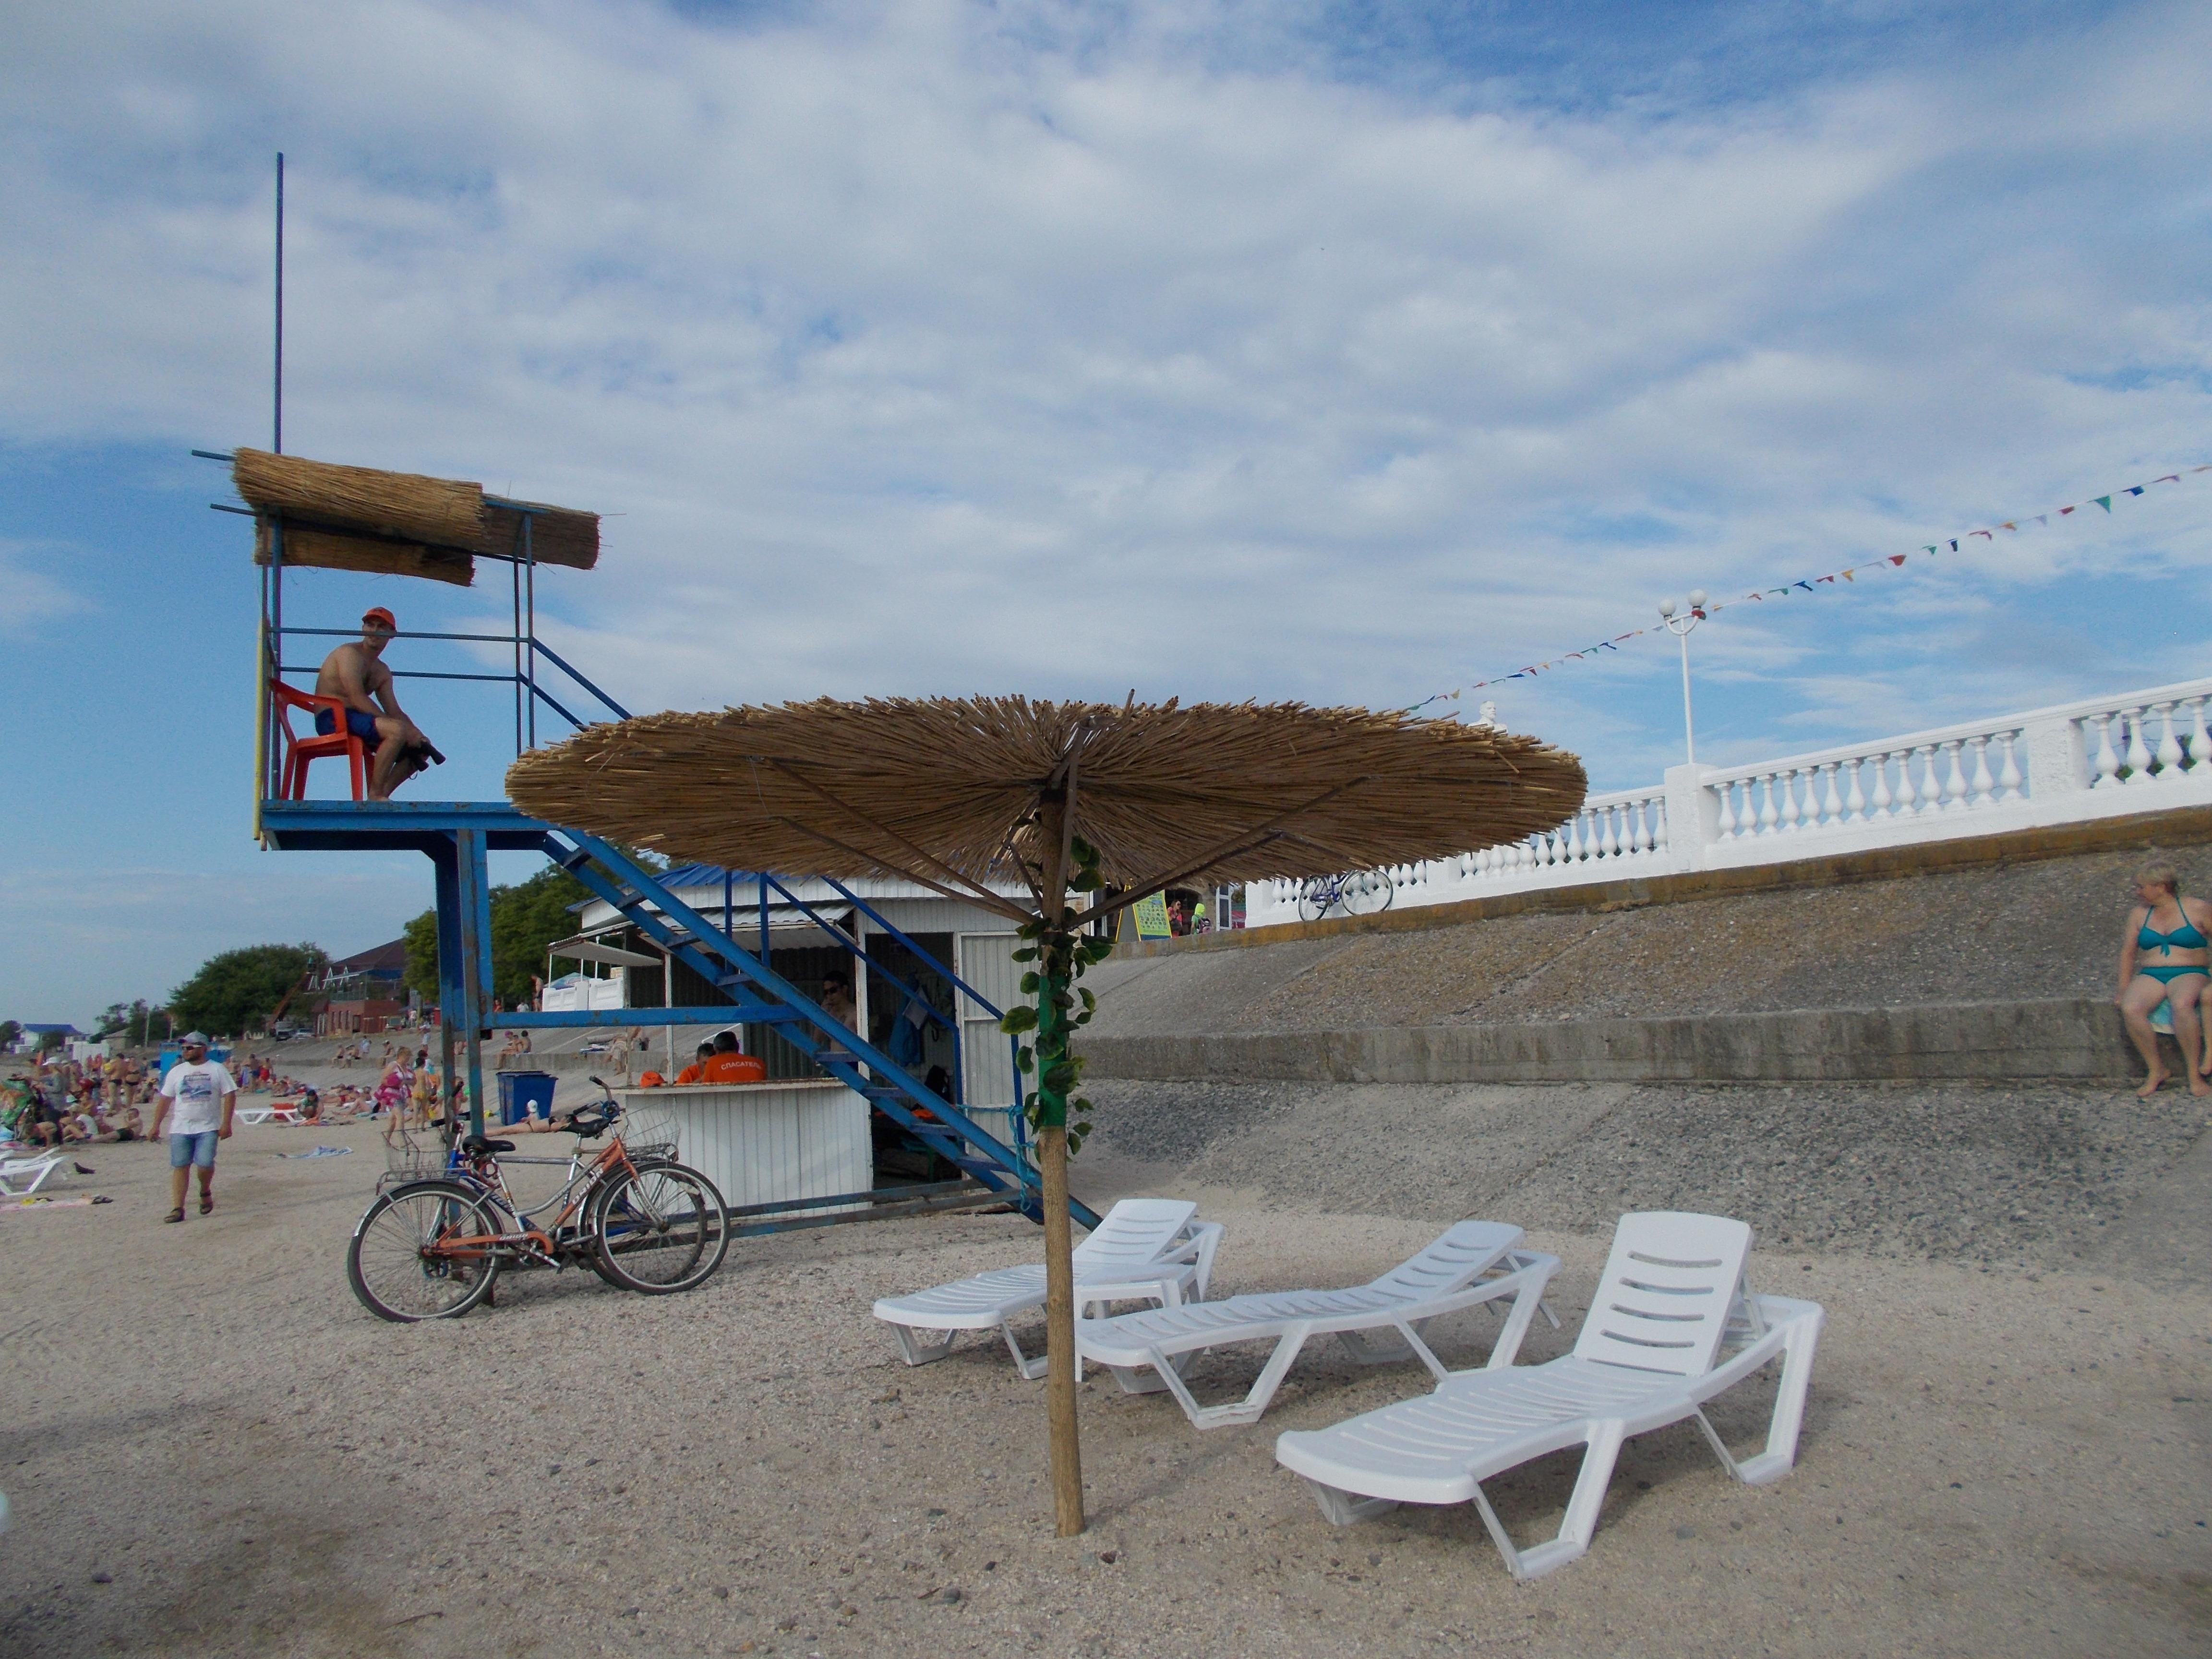 Пляж 2017 г. Приморско-Ахтарск